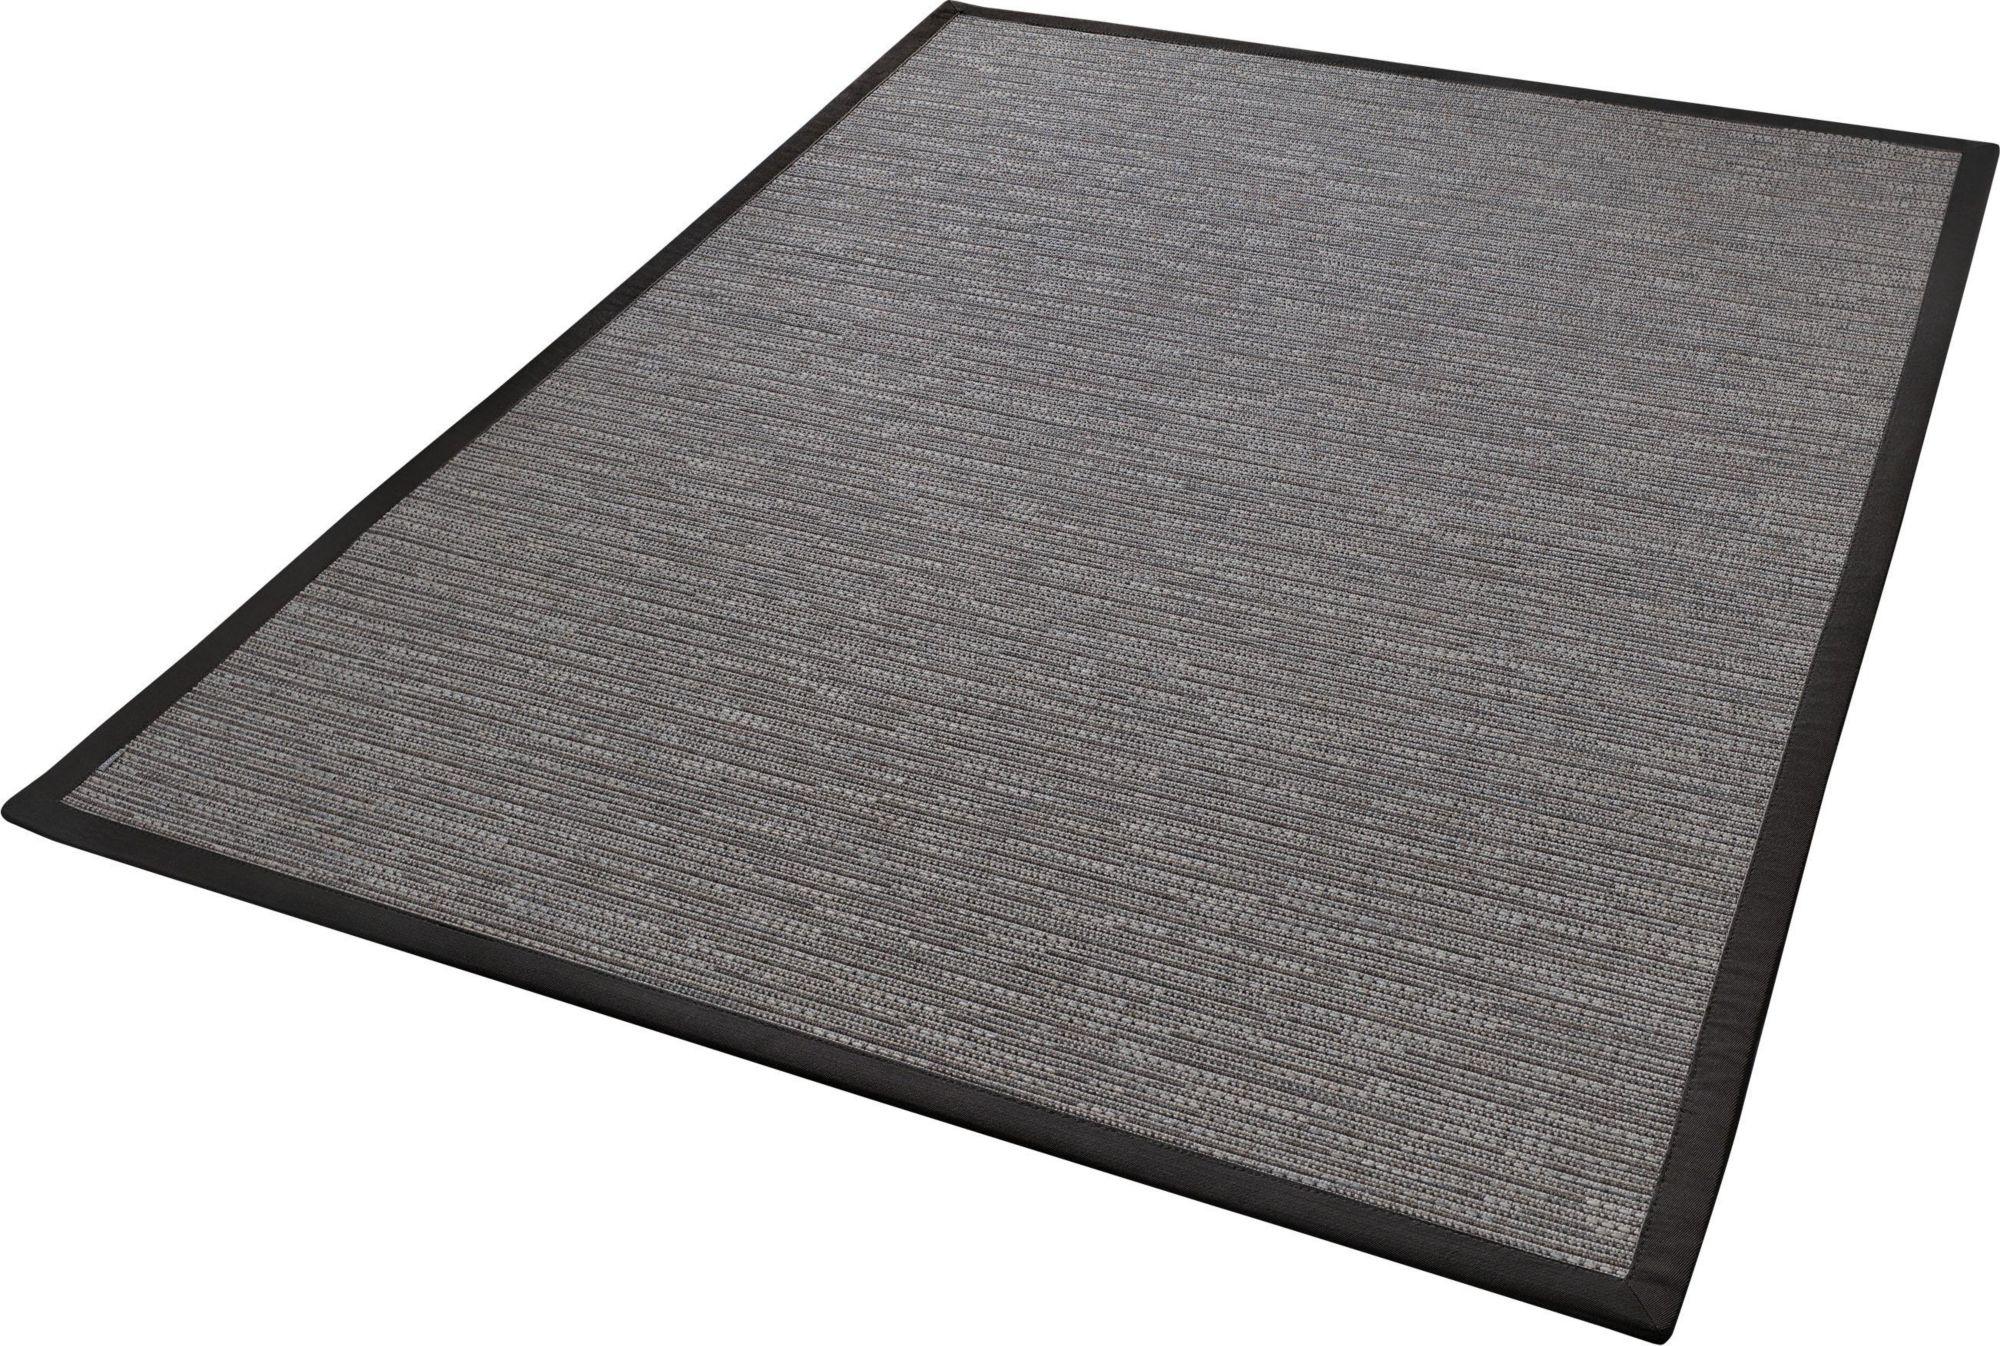 DEKOWE Outdoorteppich, »Naturino Effekt«, Dekowe, rechteckig, Höhe 10 mm, maschinell gewebt